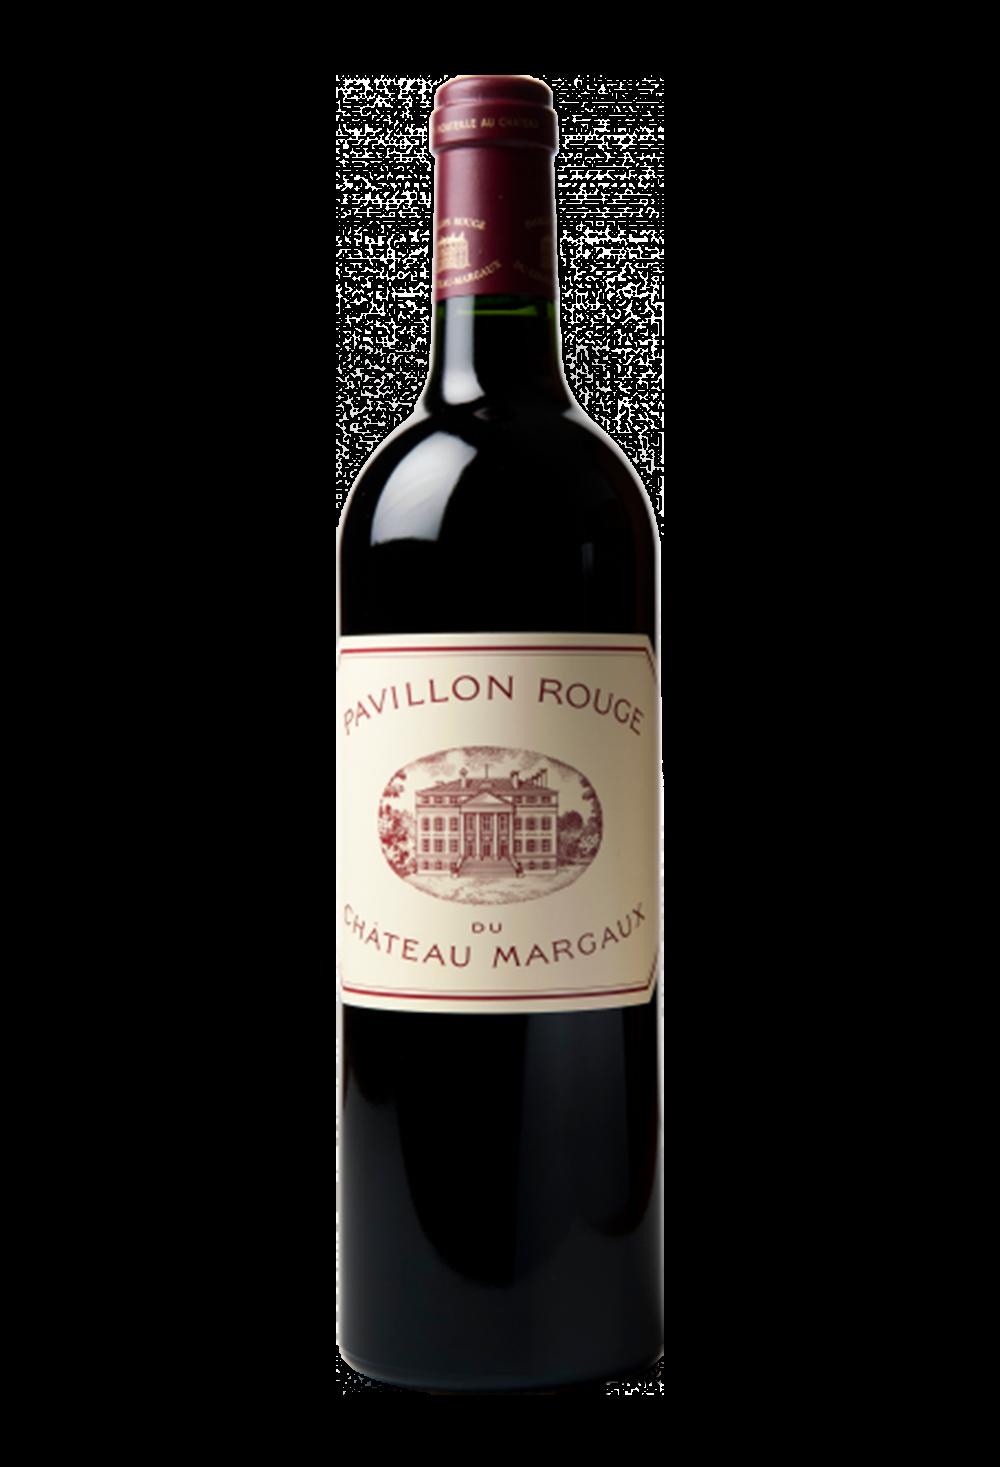 vin pavillon rouge